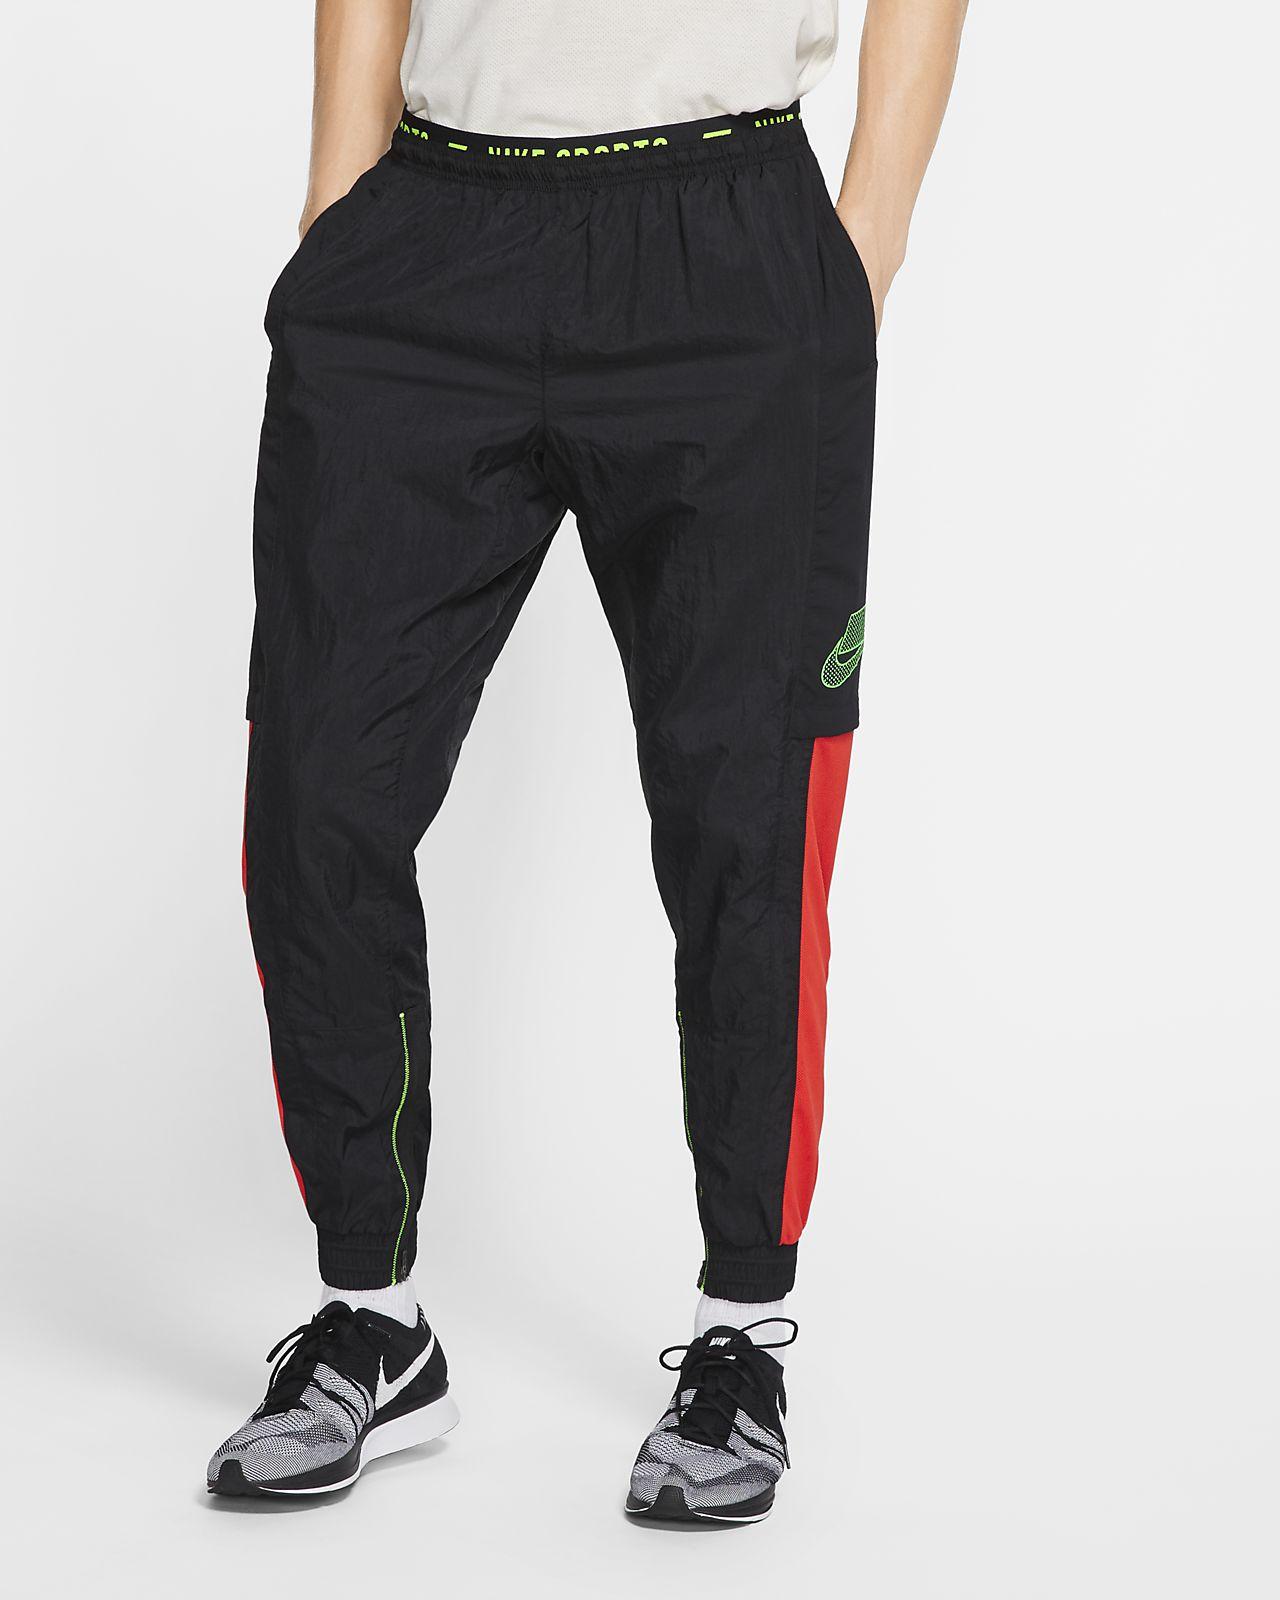 Spitzenstil limitierte Anzahl bester Verkauf Nike Dri-FIT Flex Sport Clash Herren-Trainingshose